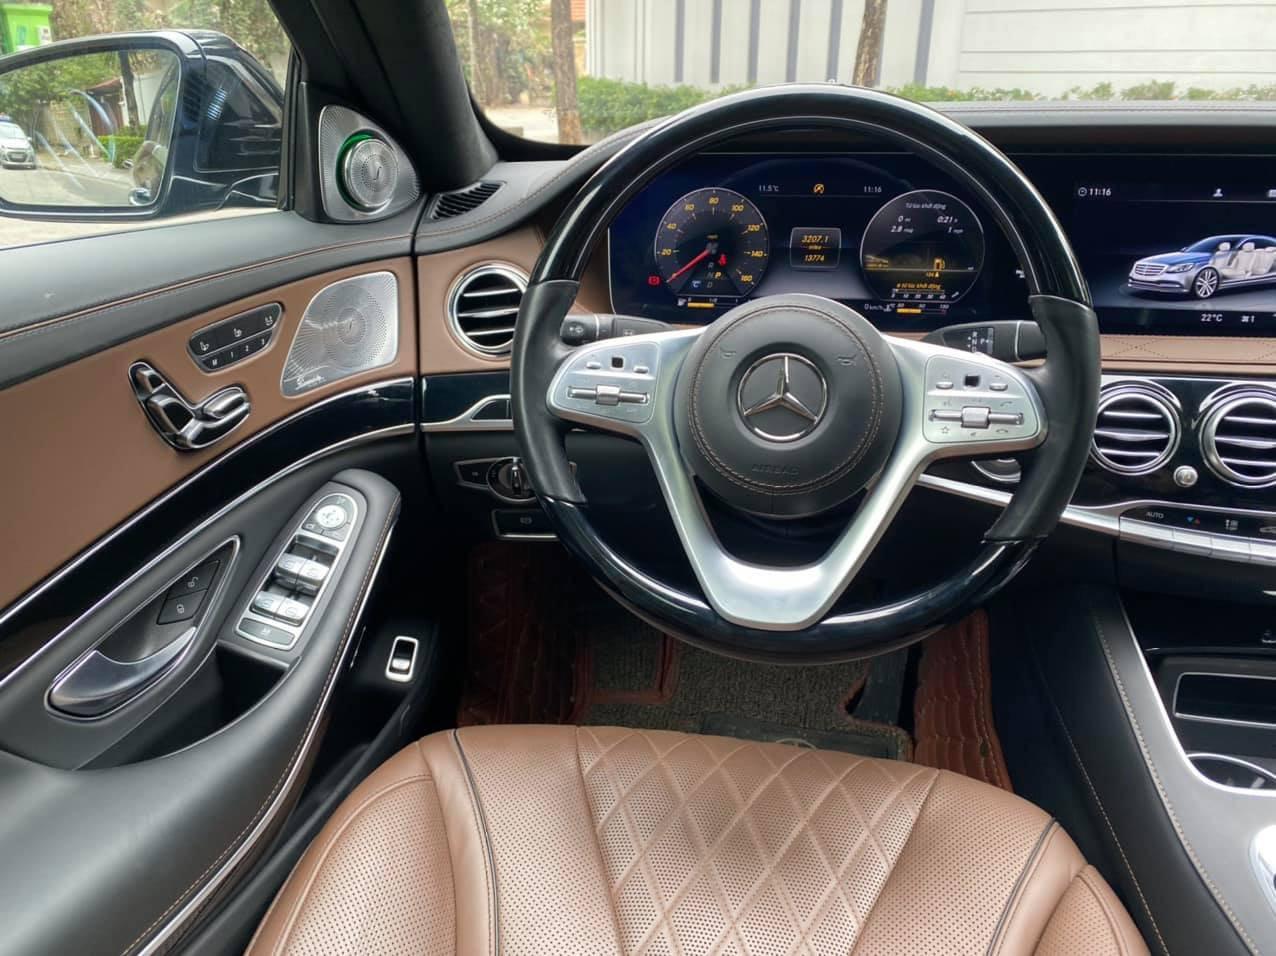 Xe Mercedes sang trọng này chạy hơn 2 vạn rao bán giá khó tin - Ảnh 3.